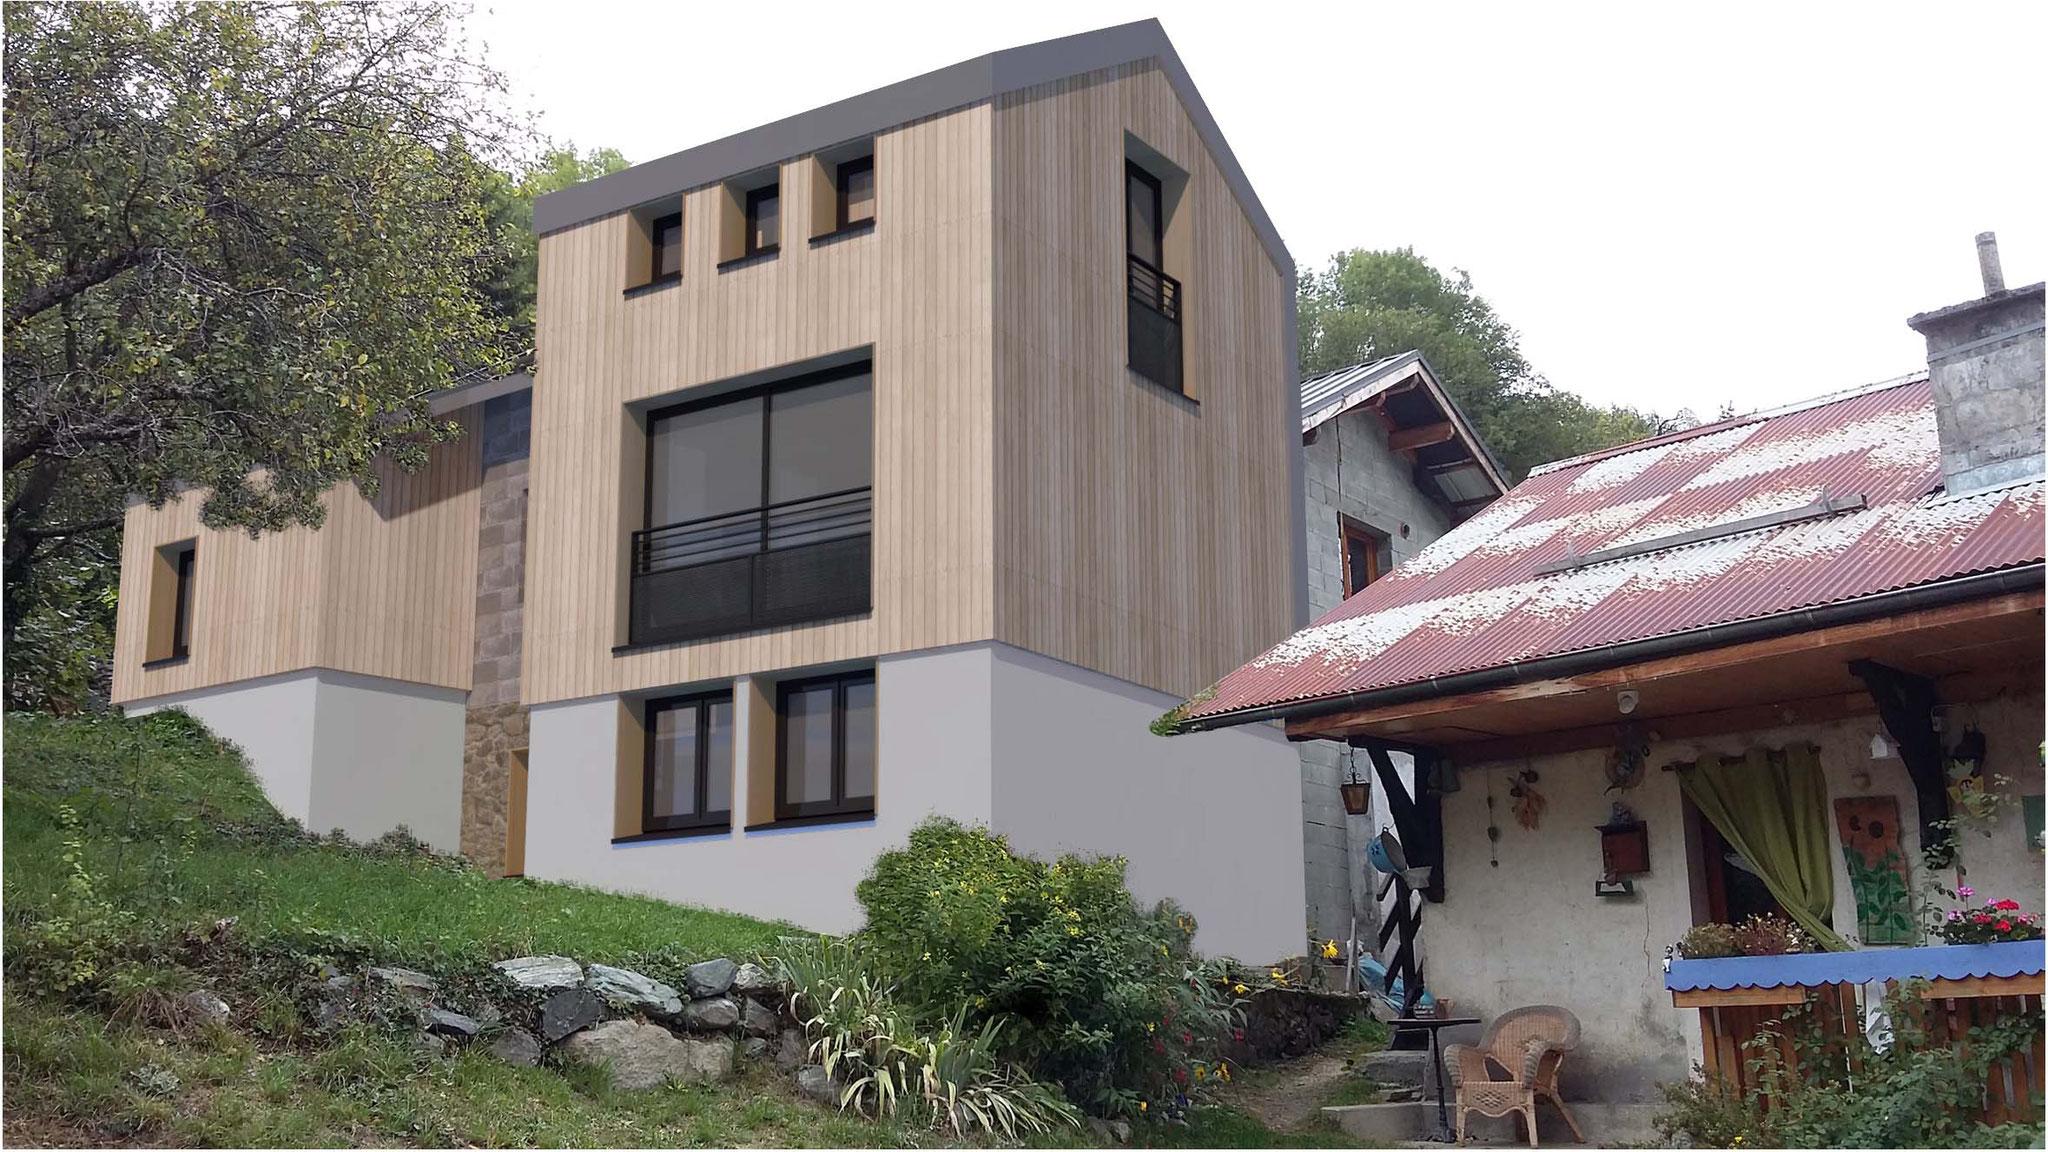 Extension d'une maison à St Etienne de Cuines (73) - Permis accordé